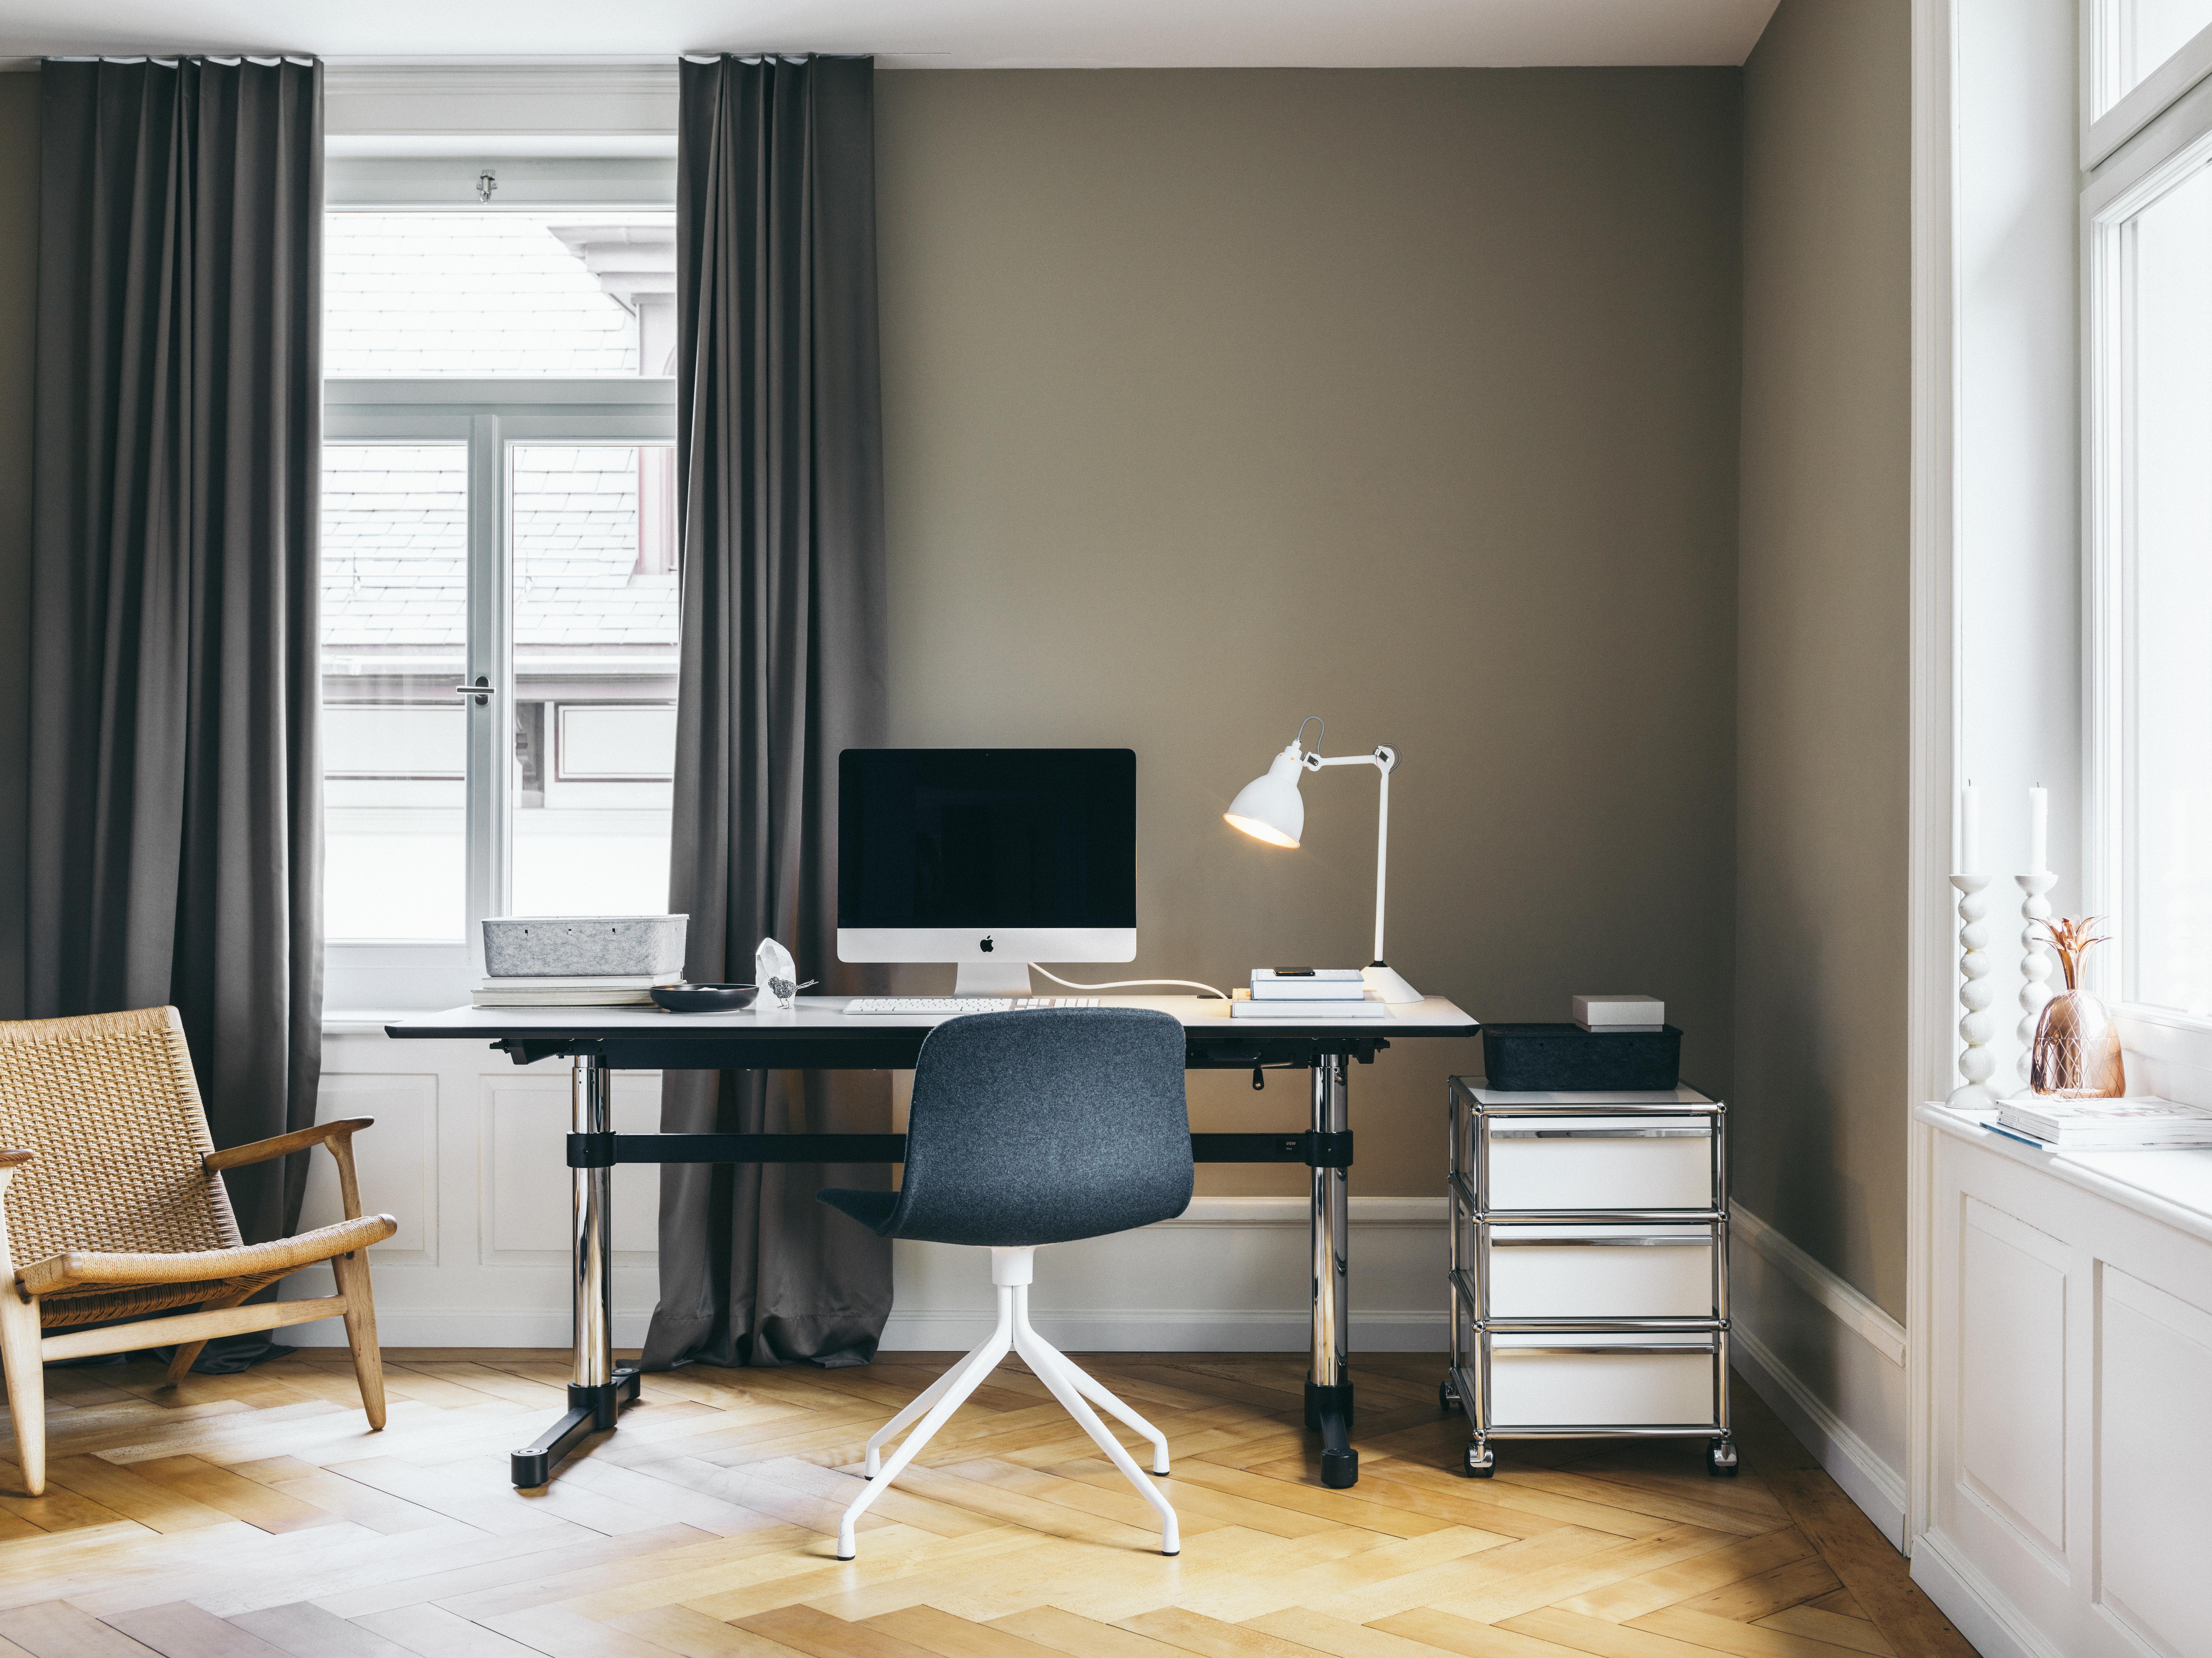 Bureaux emblématiques usm pour le bureau usm mobilier modulable